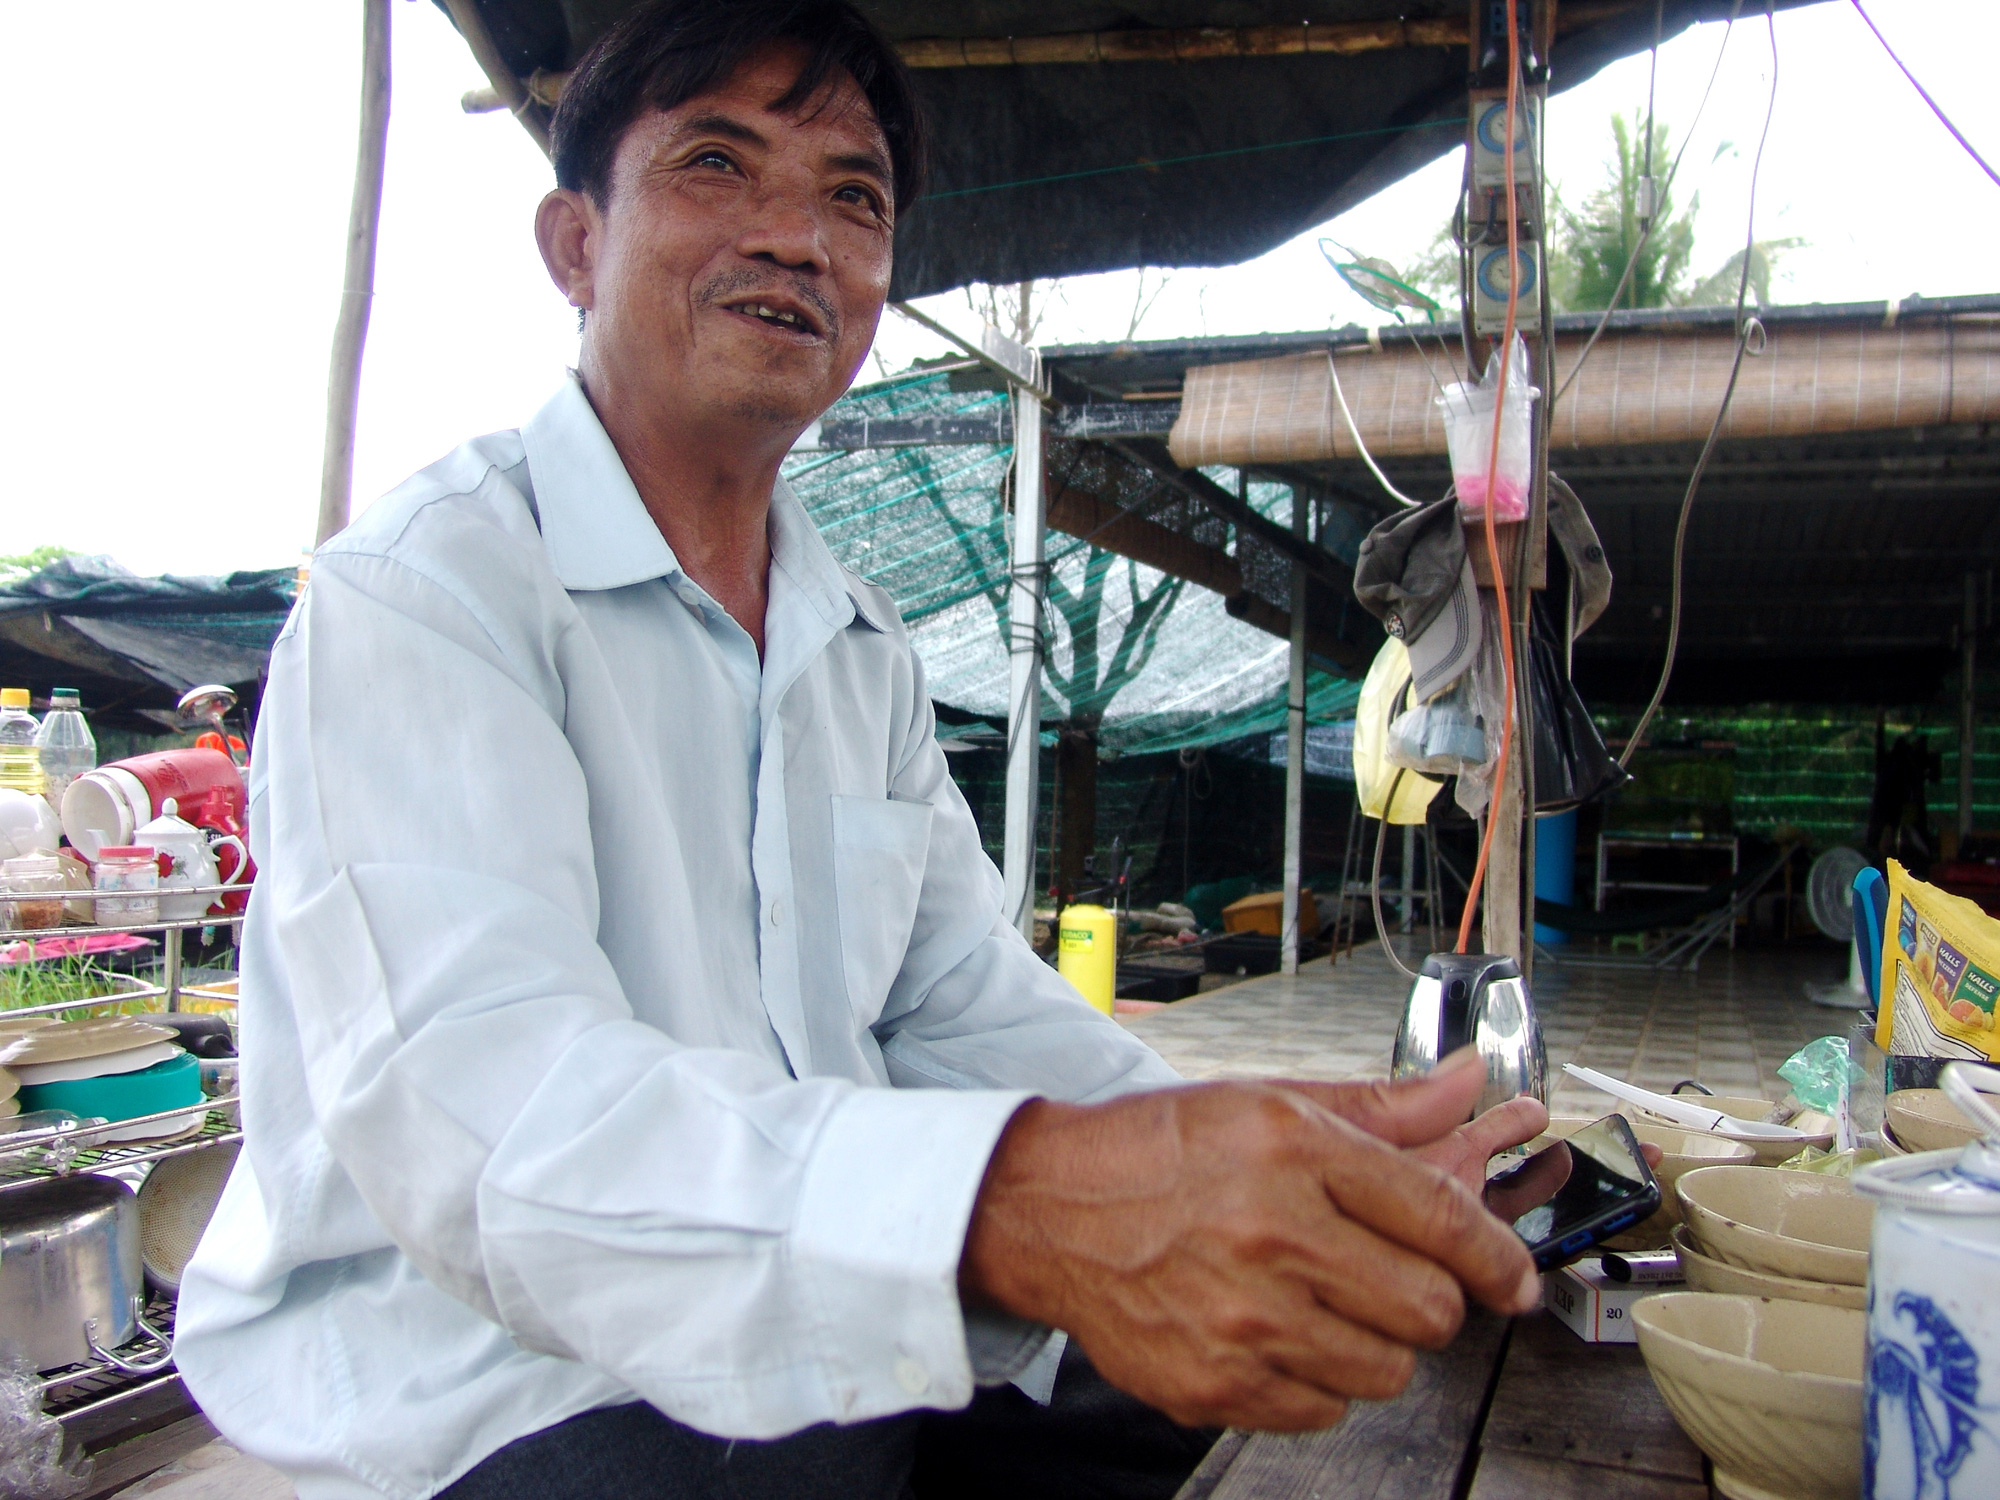 TP.HCM: Bán cá kiểng kiểu này, ông nông dân nuôi cá chỉ cần ngồi nhà thu tiền mỏi tay - Ảnh 1.